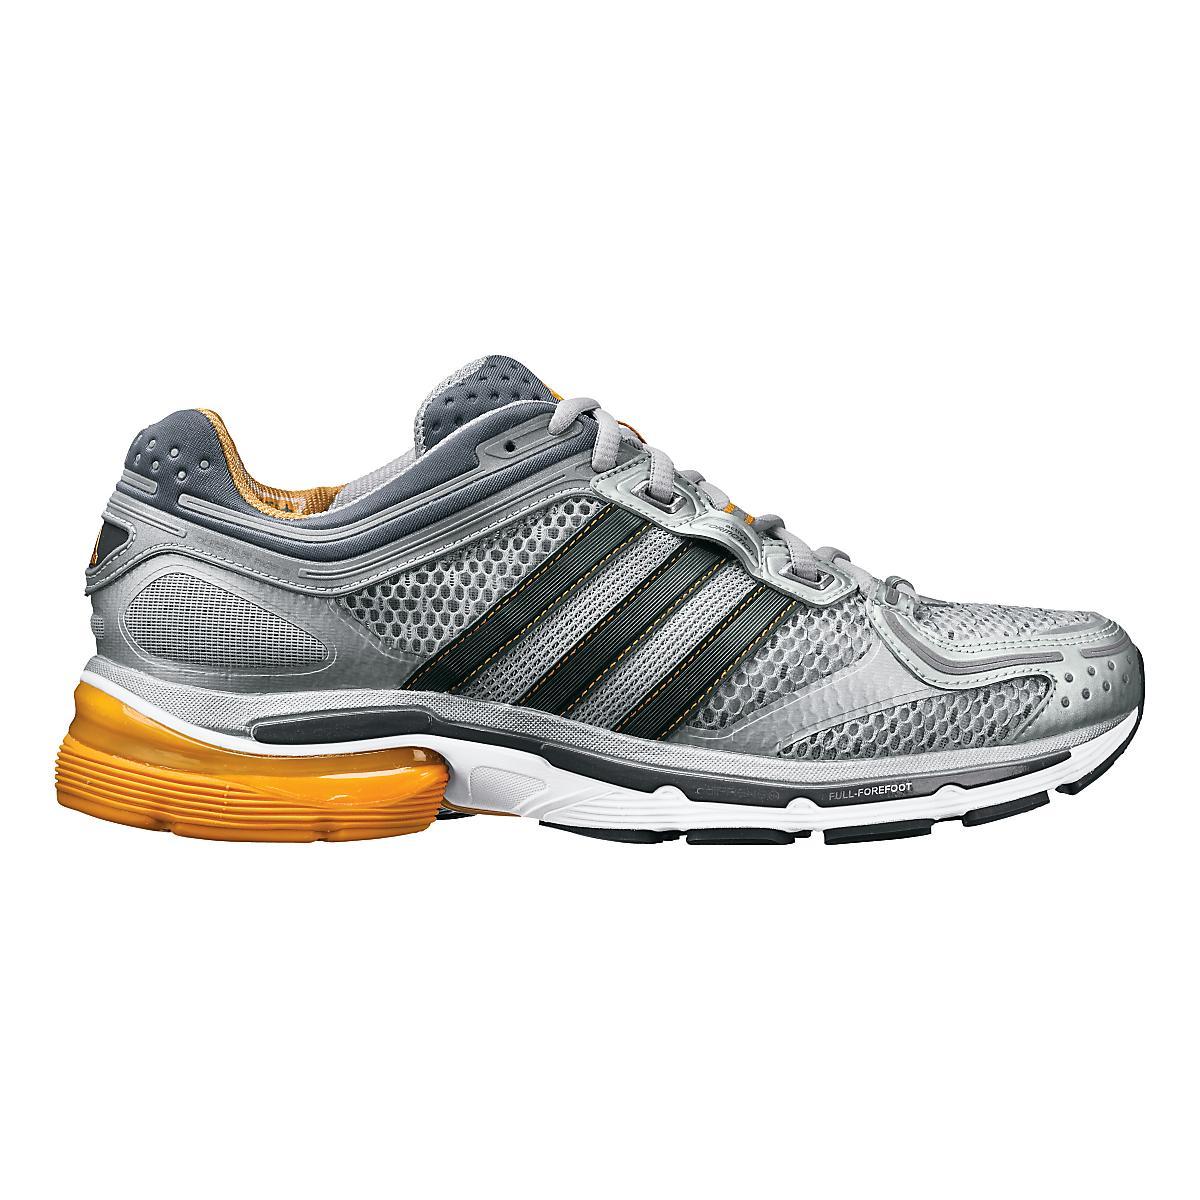 3a1addeb93de Mens adidas adiSTAR Ride 3 Running Shoe at Road Runner Sports